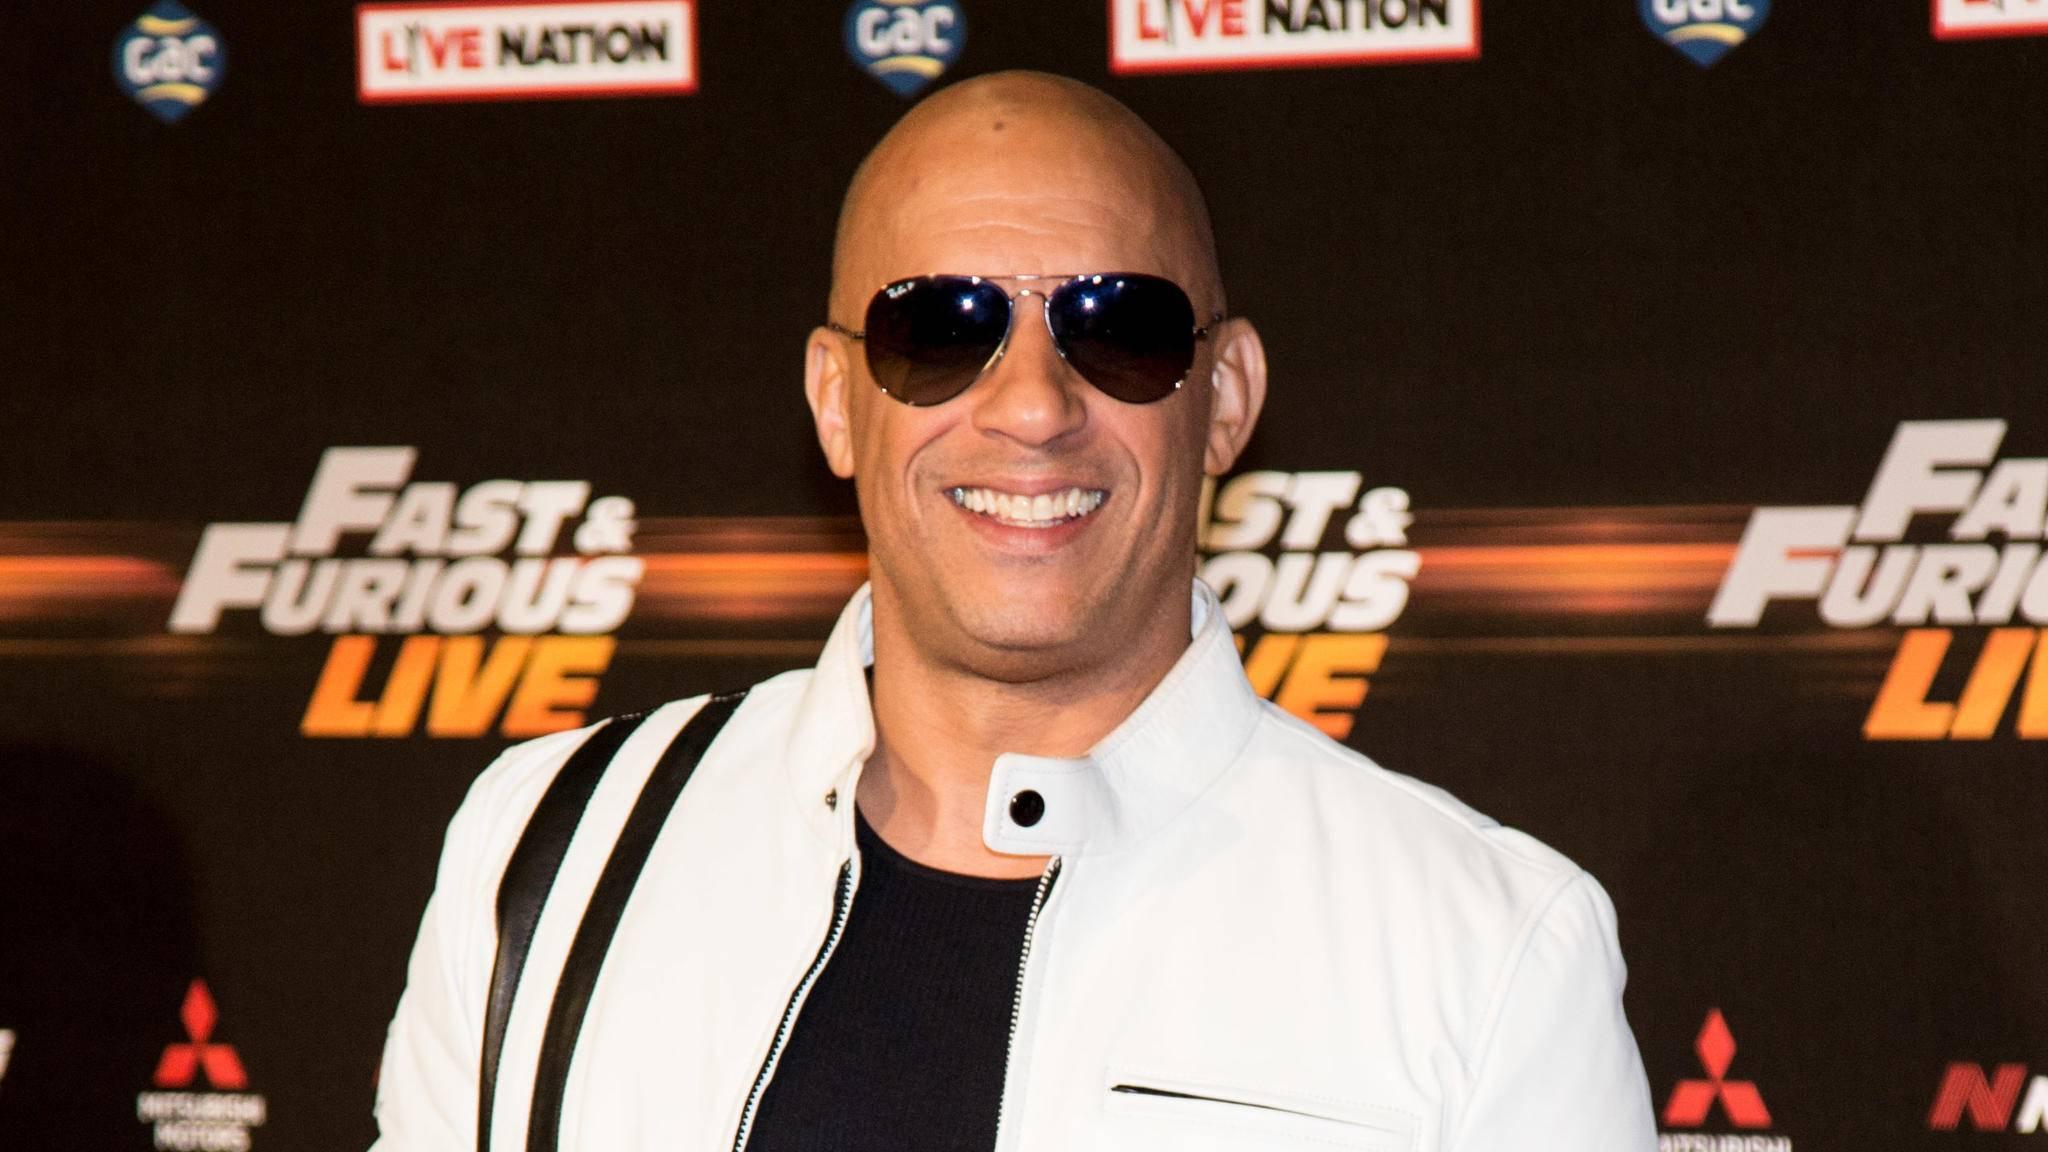 Vin Diesel ist einer der größten Actionstars in Hollywood. Aber kanntest Du schon diese Fakten über ihn?